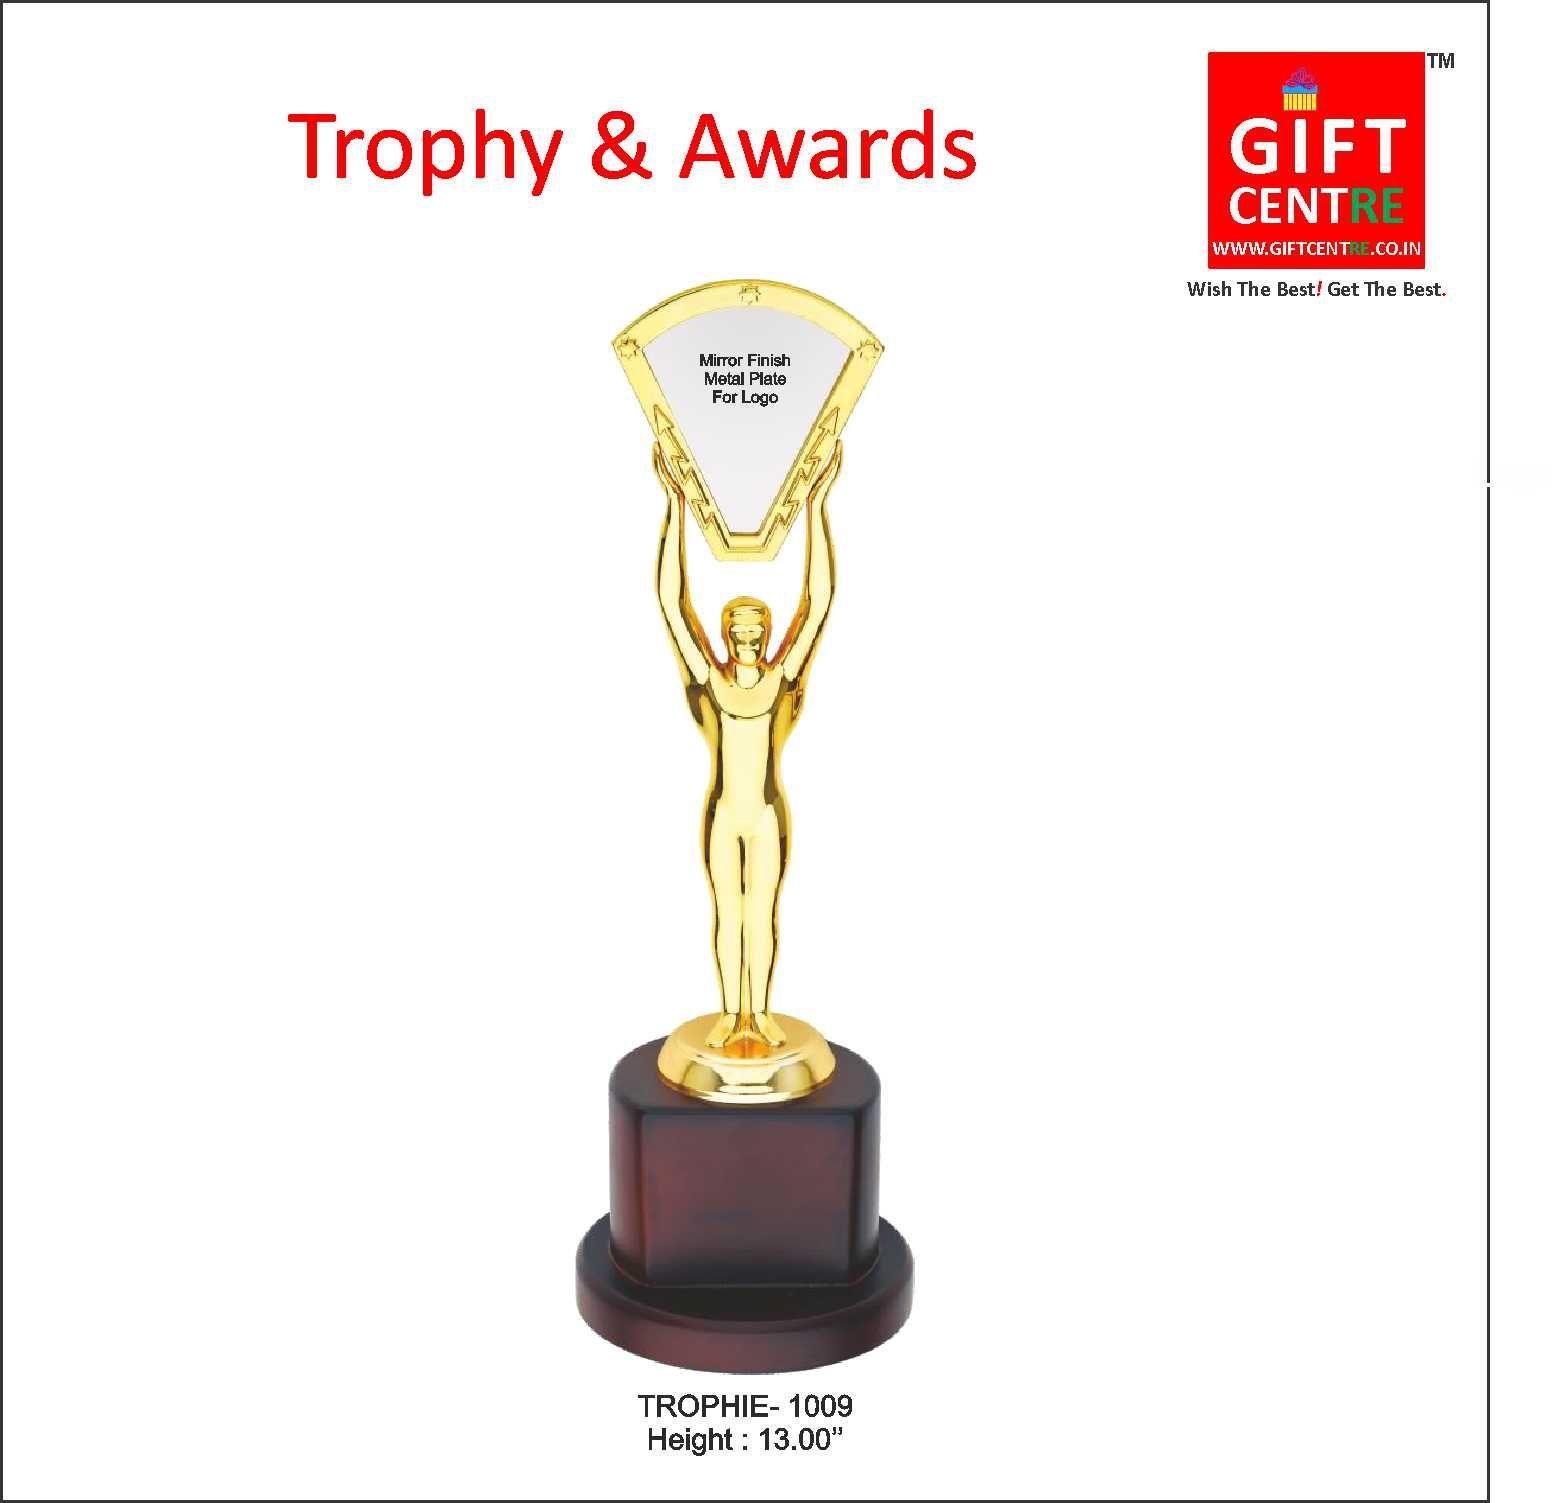 trophy, custom trophies, plaque, golf trophy, online